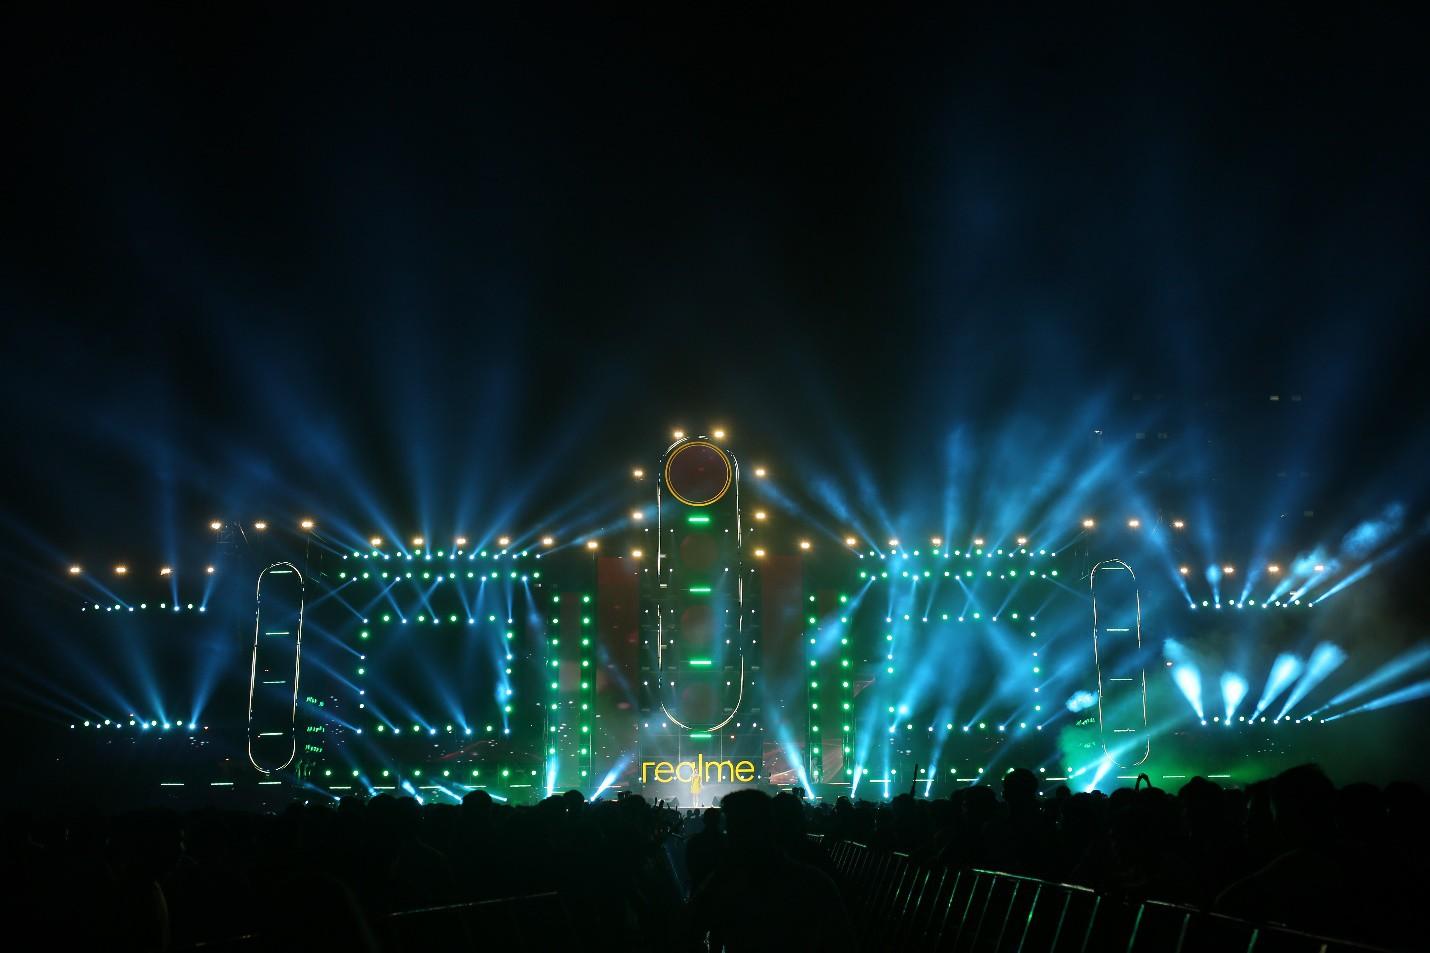 Những khoảnh khắc đáng nhớ của đêm nhạc hội Realme: Trúc Nhân, Jack & K-ICM, Amee... và 30.000 trái tim cùng hòa chung một nhịp đập âm nhạc - Ảnh 1.